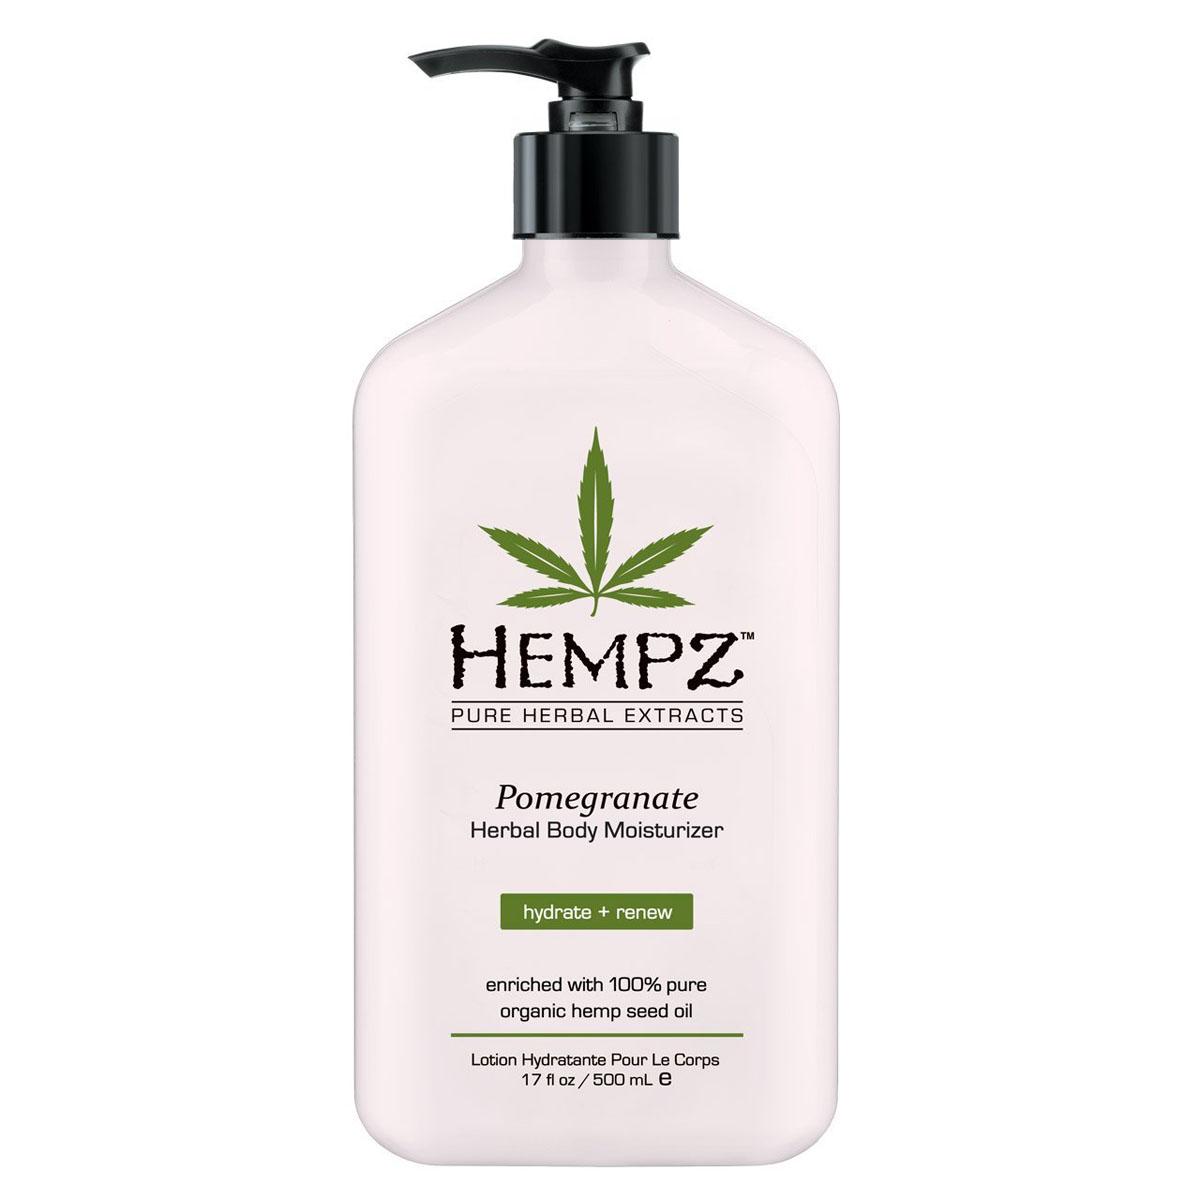 Hempz Молочко для тела увлажняющее с ганатом Pomegranate Herbal Body Moistyrizer 500 млAC-2233_серыйУвлажняющее молочко с гранатом для тела Pomegranate Herbal Body Moistyrizer Хемпц поможет сделать кожу нежной и шелковистой. Входящие в состав средства полипептиды стимулируют синтез коллагена, тонизируют кожу и делают ее более упругой, масло и экстрагированные компоненты семян конопли снабжают кожу питательными веществами и соединениями, экстракт корня женьшеня и масло ши оказывают охлаждающее, успокоительное и смягчающее воздействие, группа витаминов А, С и Е снижает влияние свободных радикалов и препятствуют образованию мелких морщин. Состав активных компонентов: конопляное и масло семян макадамии и дерева ши, экстракты семян конопли, женьшеня, календулы, ромашки, алое вера, комплекс трипептидов, группа витаминов А, С и Е.